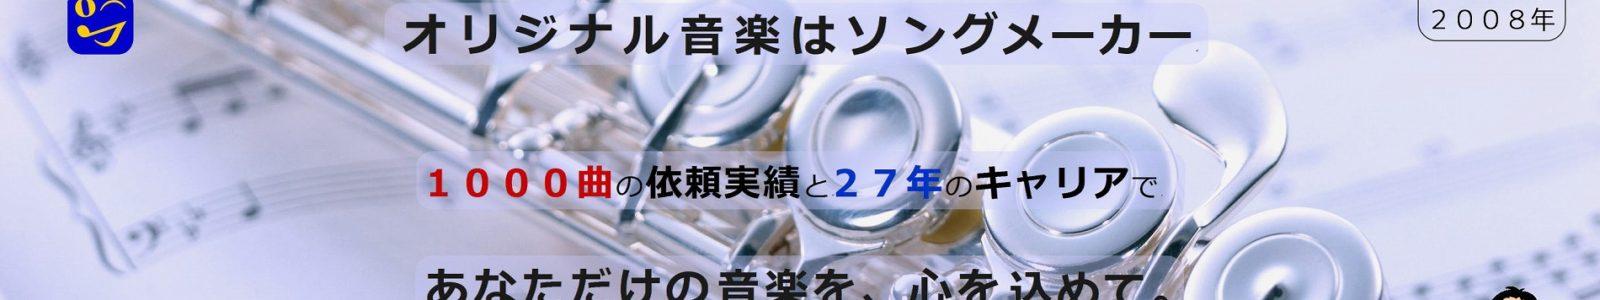 slide_semai